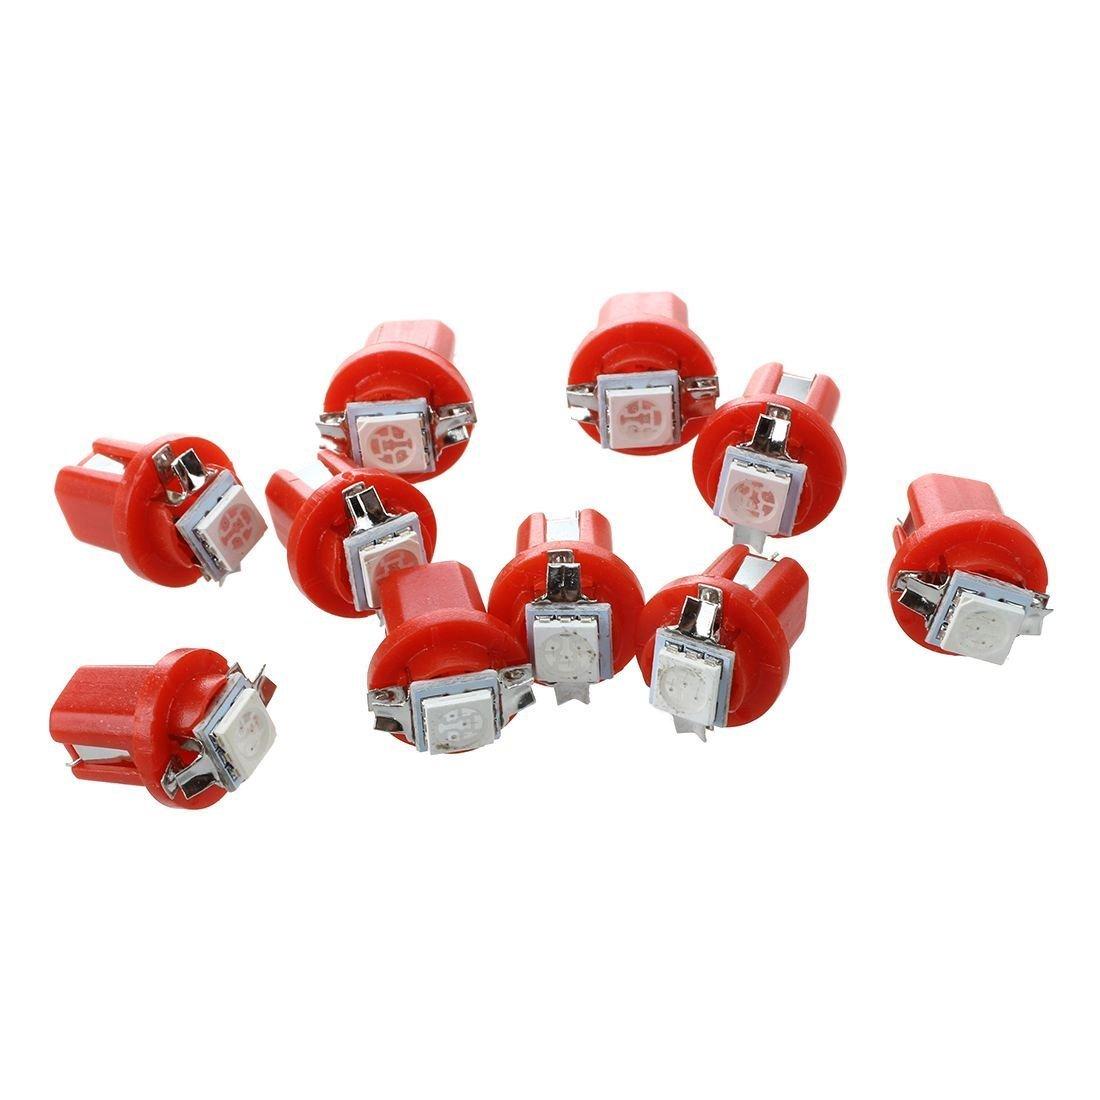 TOOGOO(R) 10 x LED SMD contatore cruscotto B8 - 5 d T5 lampadina con il supporto di Rosso TUNING SHOMAGT11366